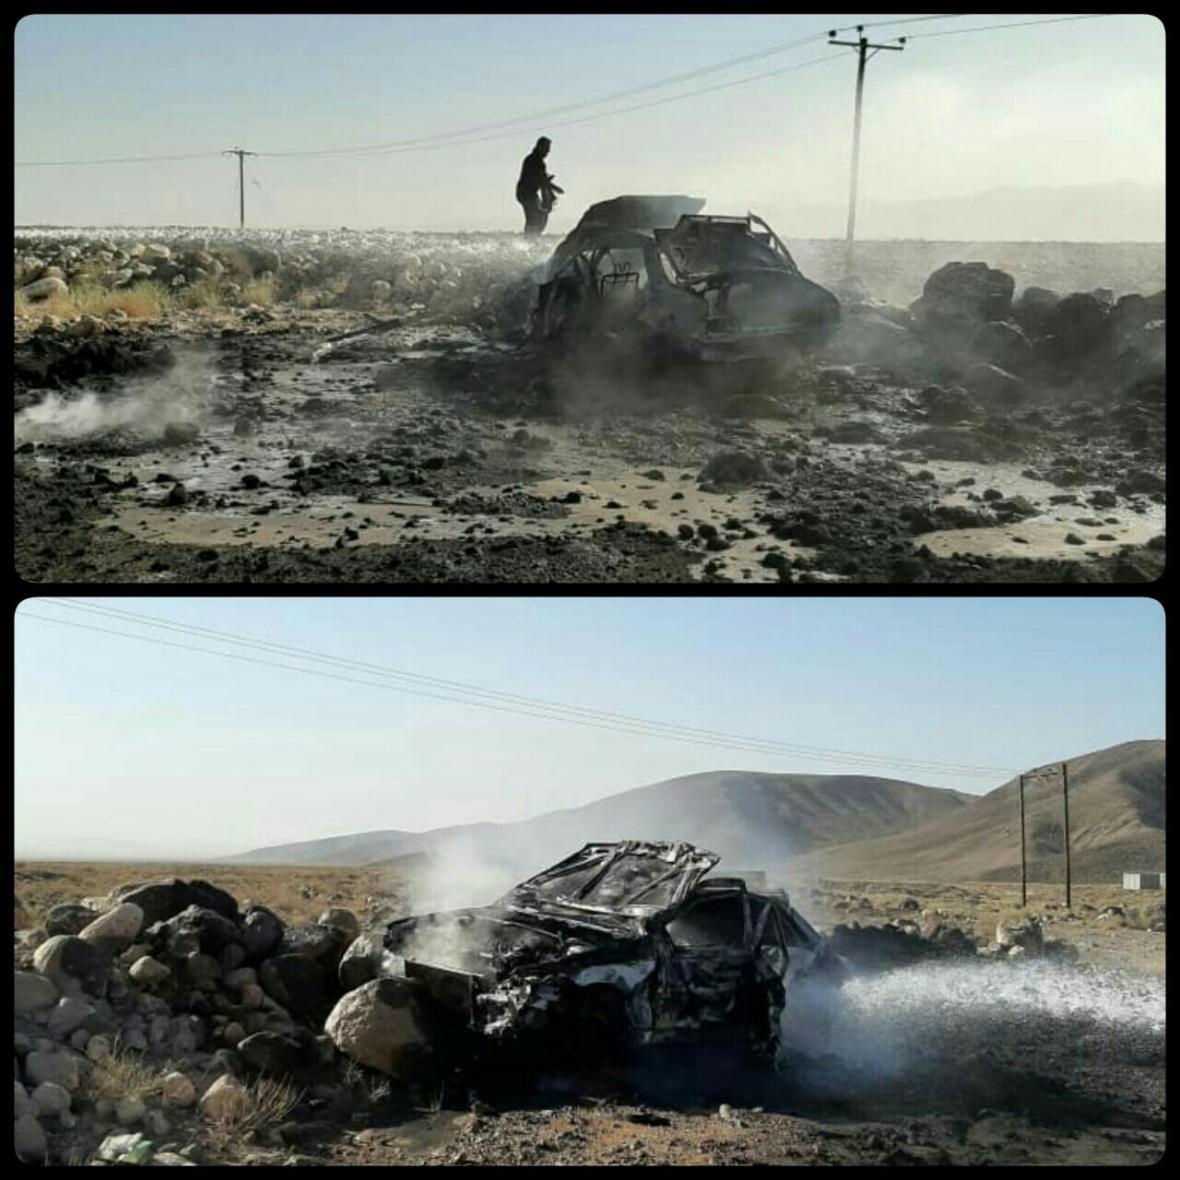 قاچاق سوخت باز هم قربانی گرفت، یک نفر در شعله های آتش سوخت